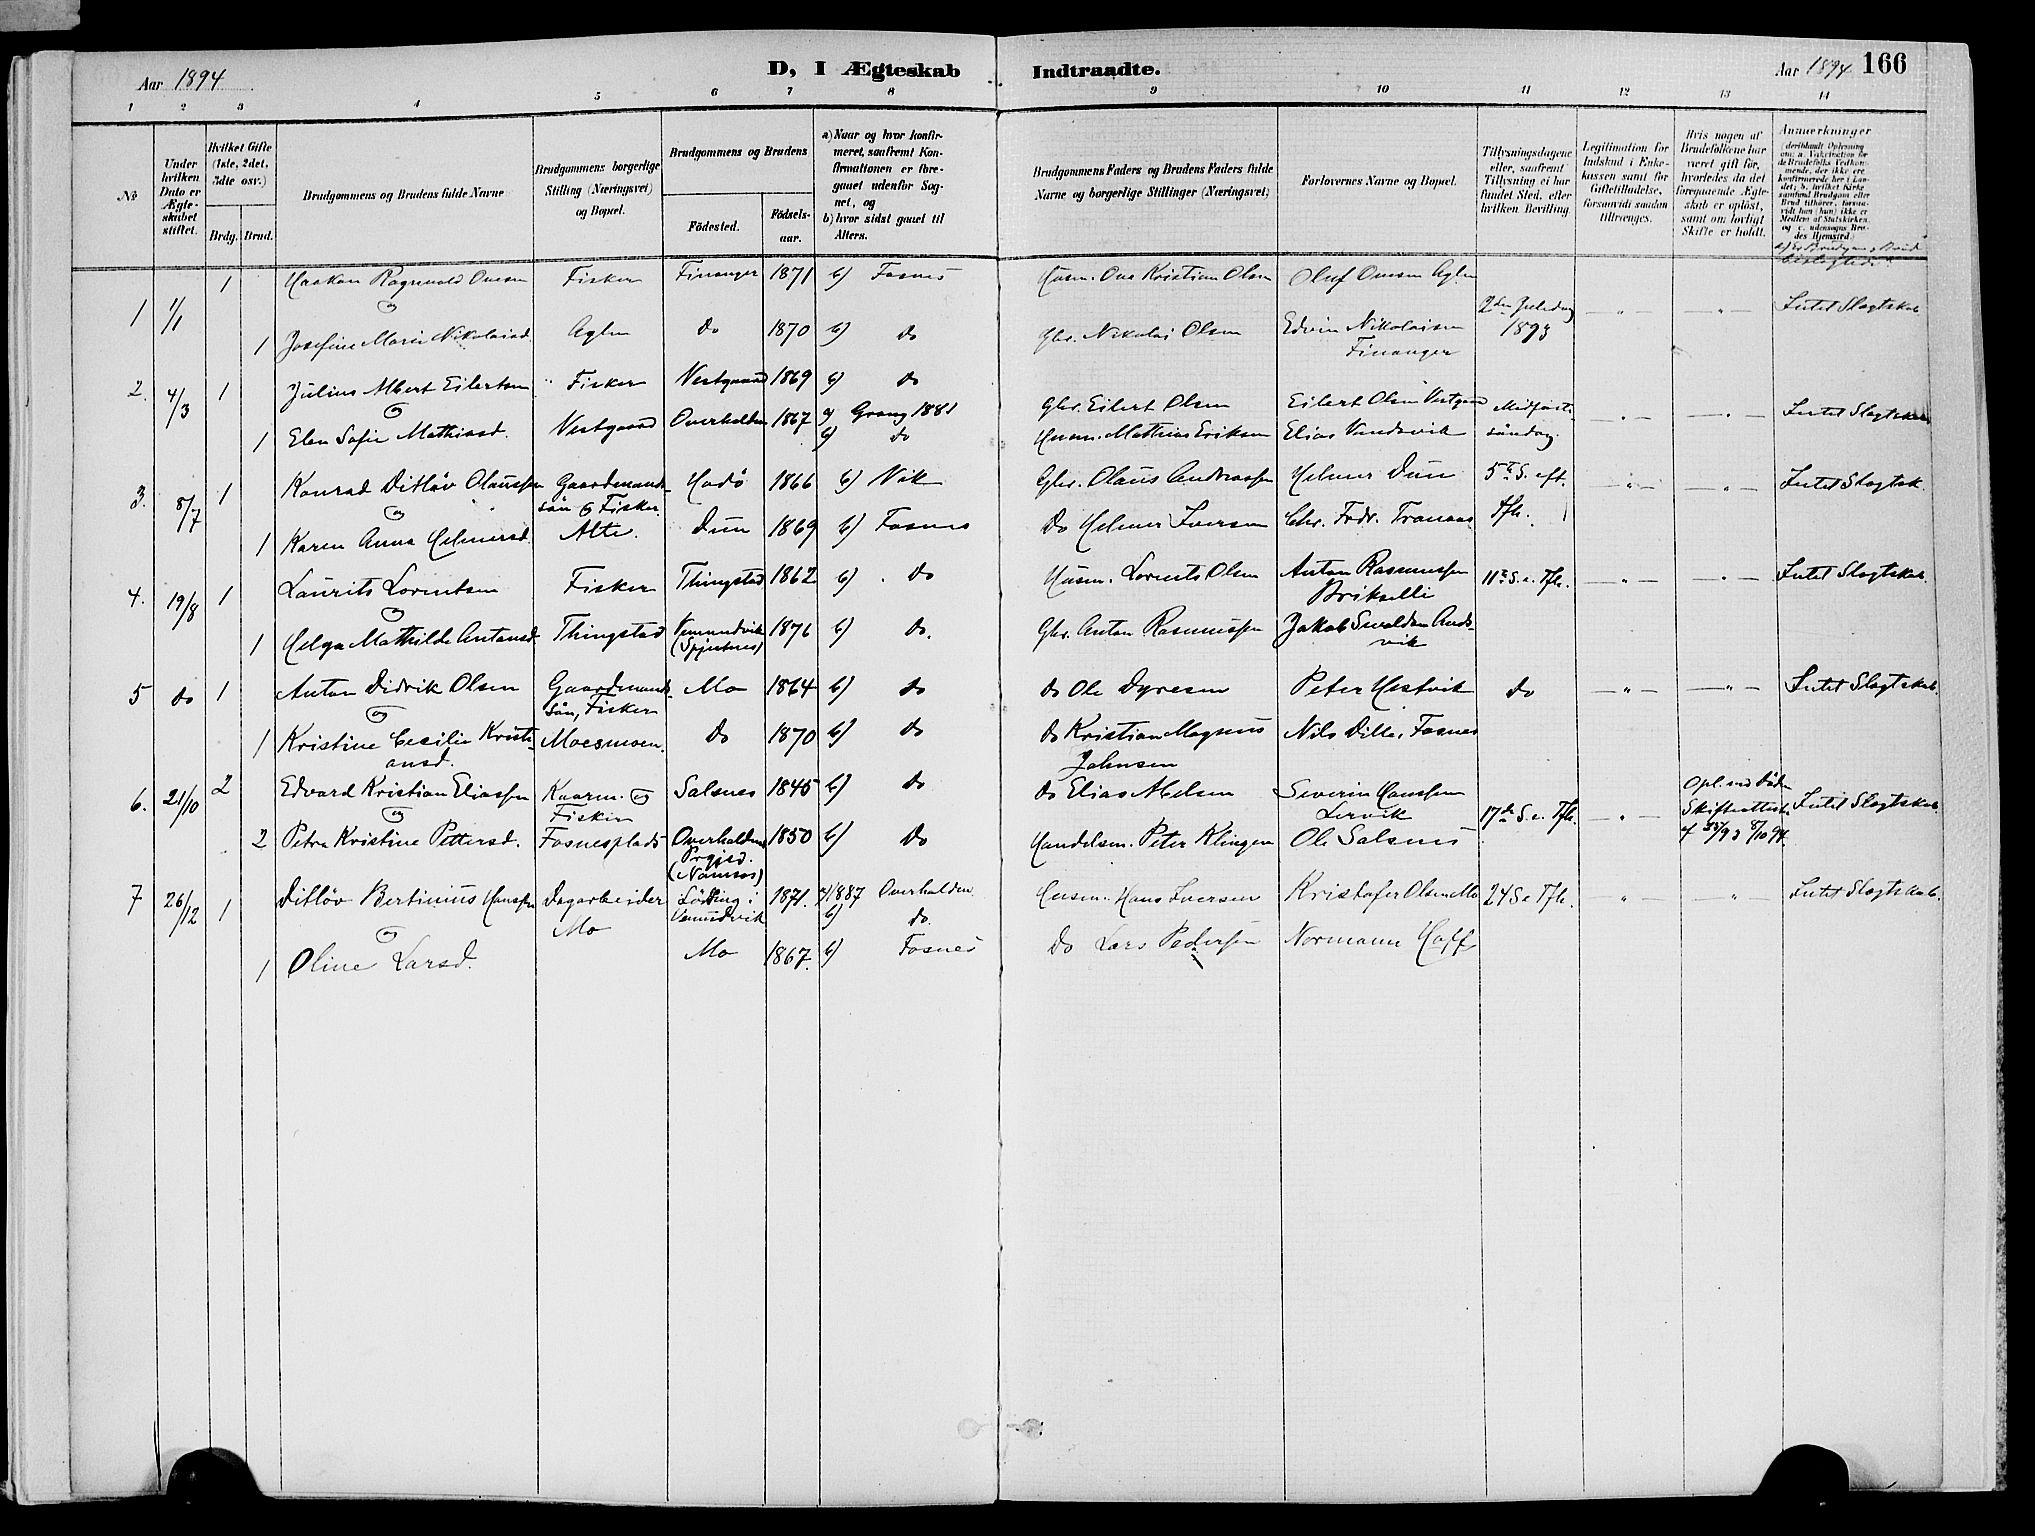 SAT, Ministerialprotokoller, klokkerbøker og fødselsregistre - Nord-Trøndelag, 773/L0617: Ministerialbok nr. 773A08, 1887-1910, s. 166